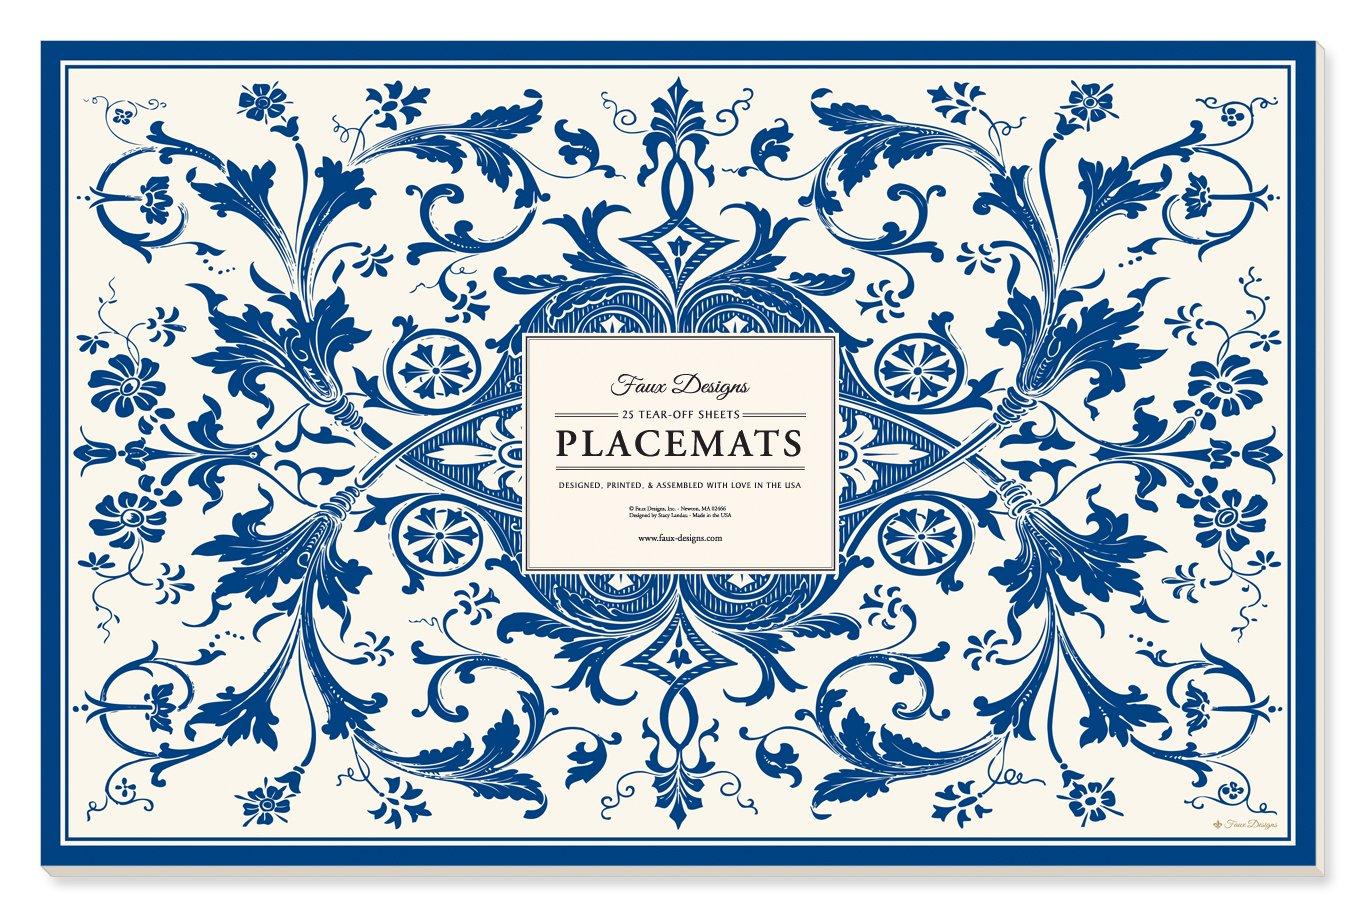 Faux Designs Paper Placemats - Abigail